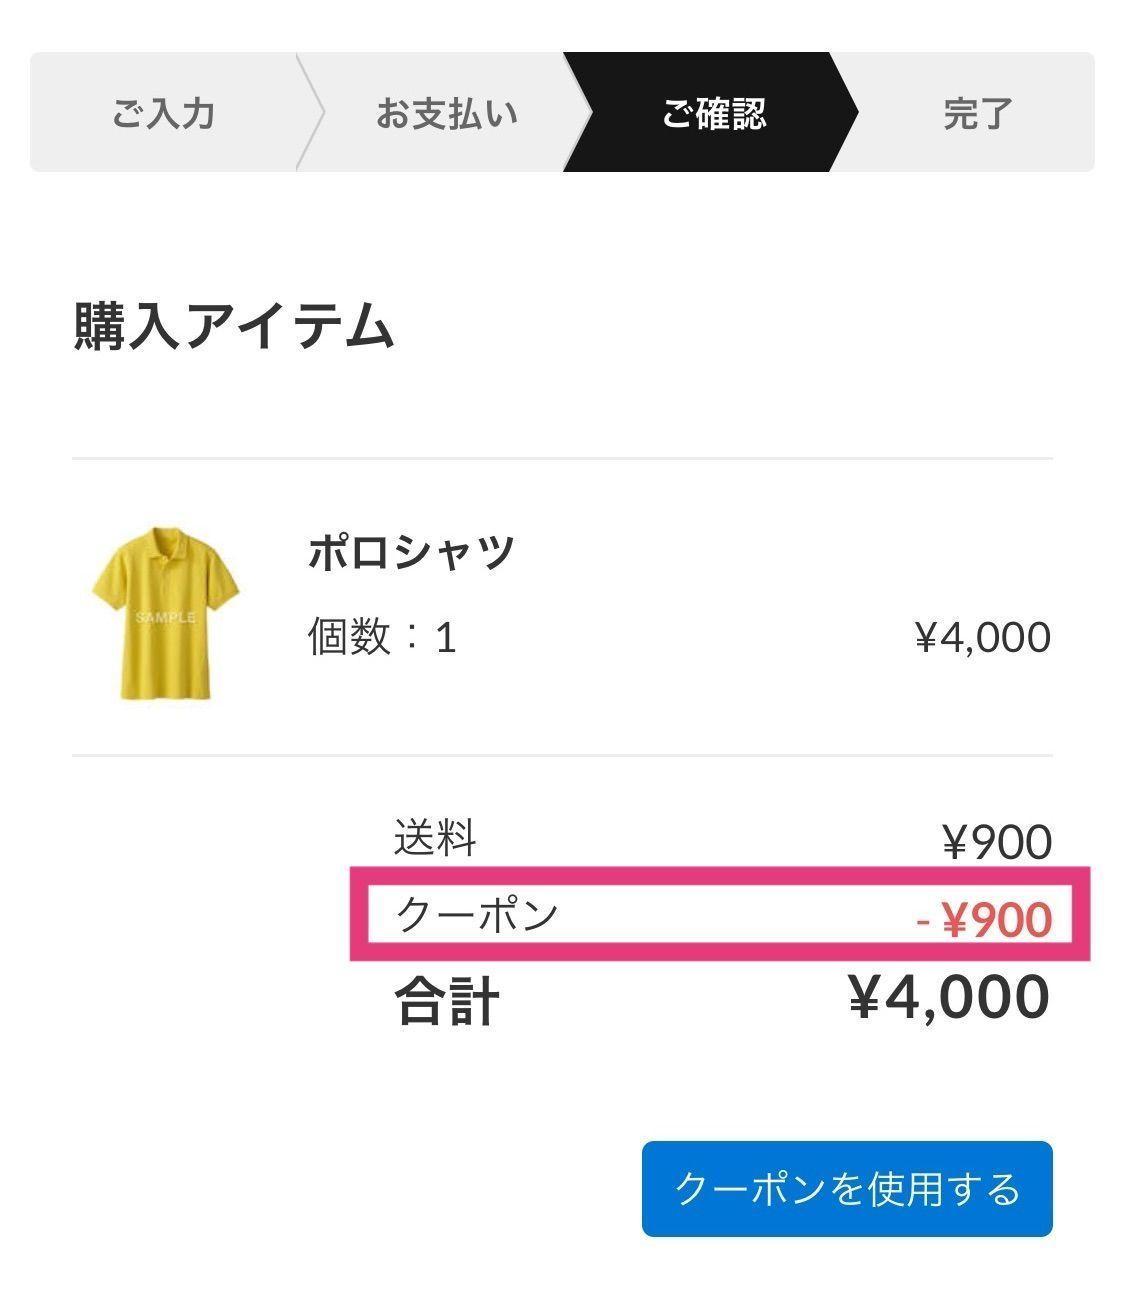 f:id:storesblog:20180809153239j:plain